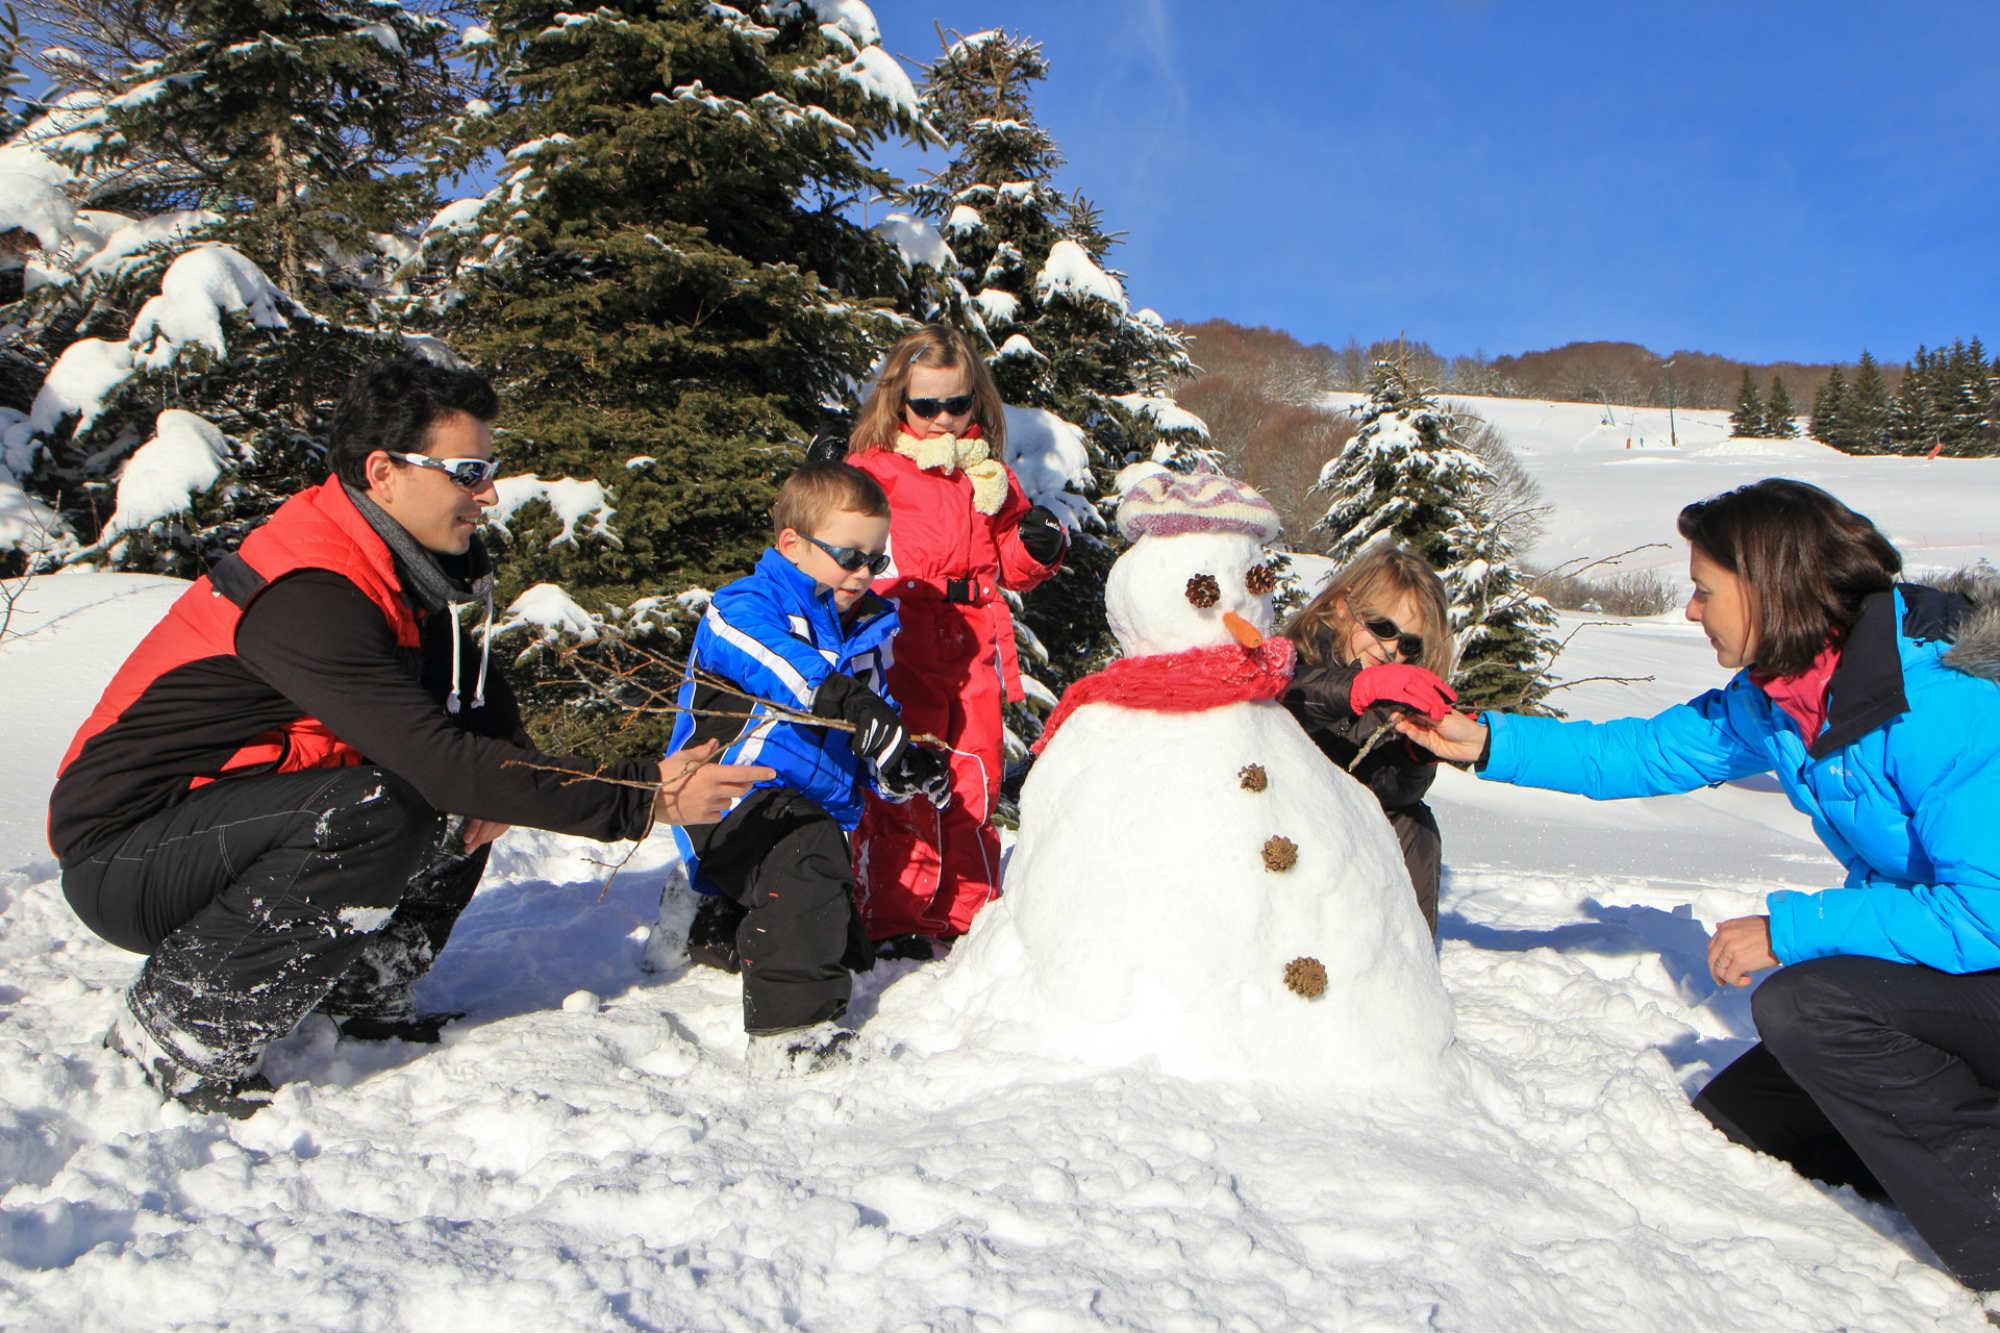 Une famille construit un bonhomme de neige à Super Besse.